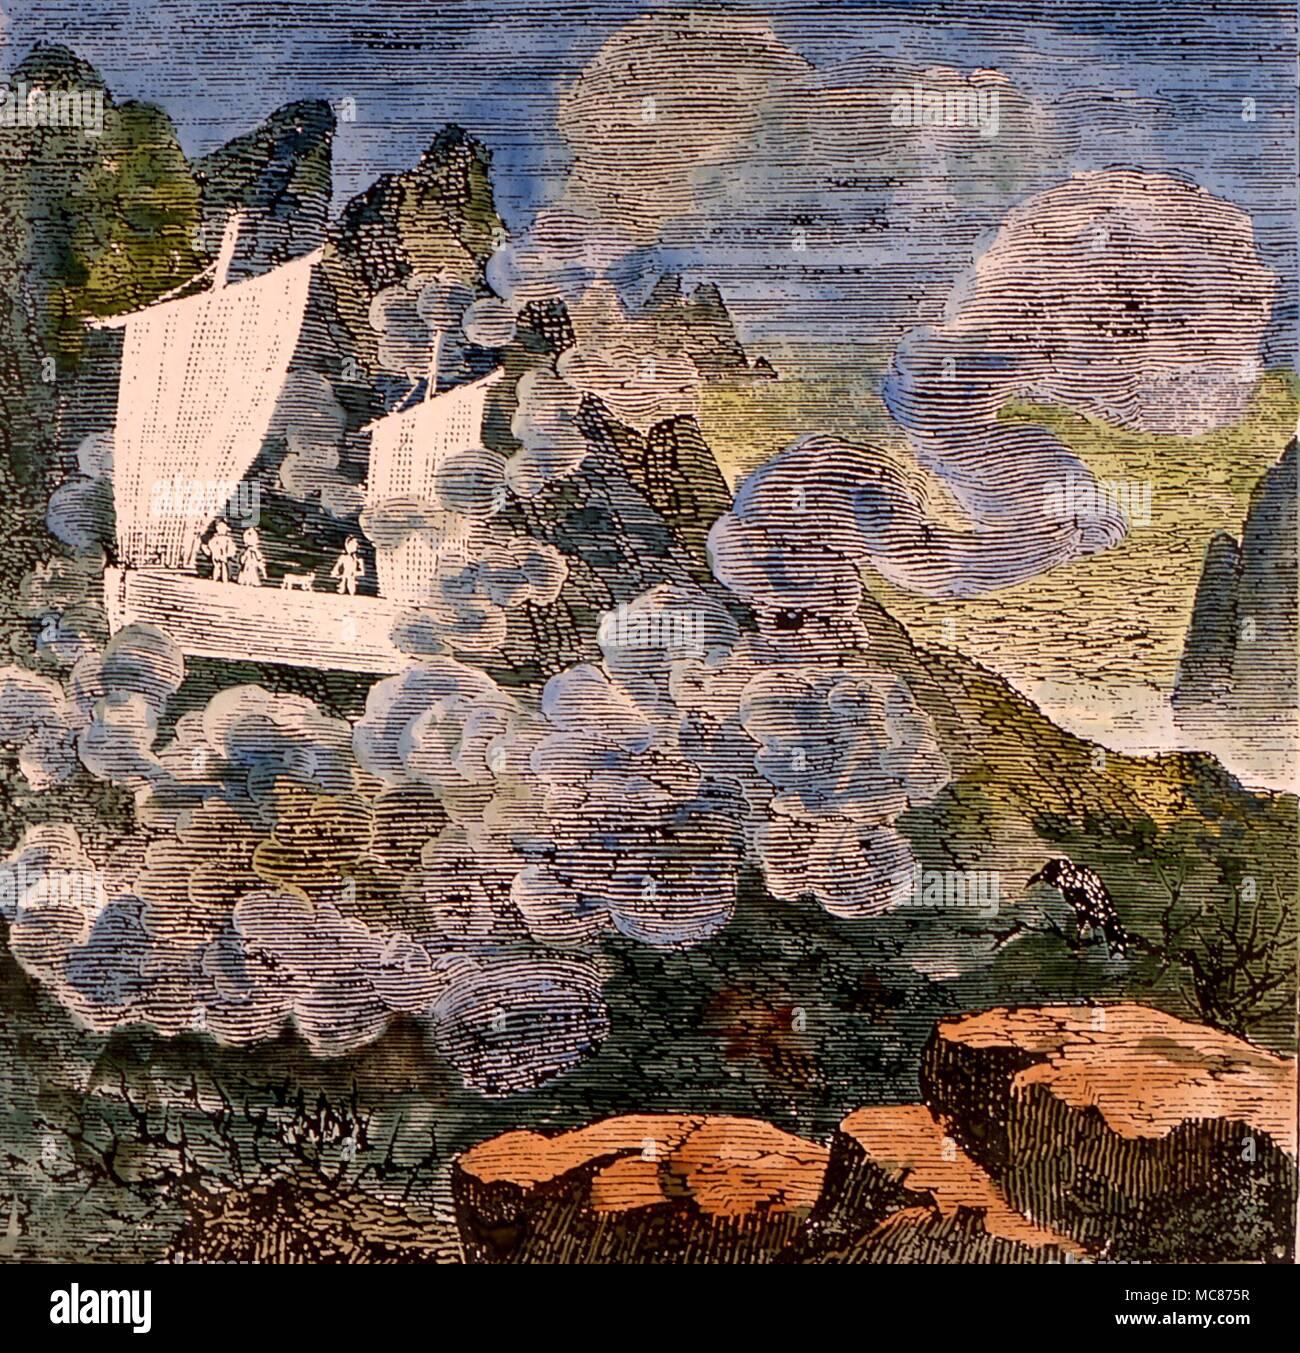 Des phénomènes étranges - ghost ship de Porthcurno début du 19ème siècle d'un navire d'observation aérienne de Porthcurno, Cornwall, tel que rapporté par Robert Hunt dans 'romances populaires de l'ouest de l'Angleterre'. 1835 Photo Stock